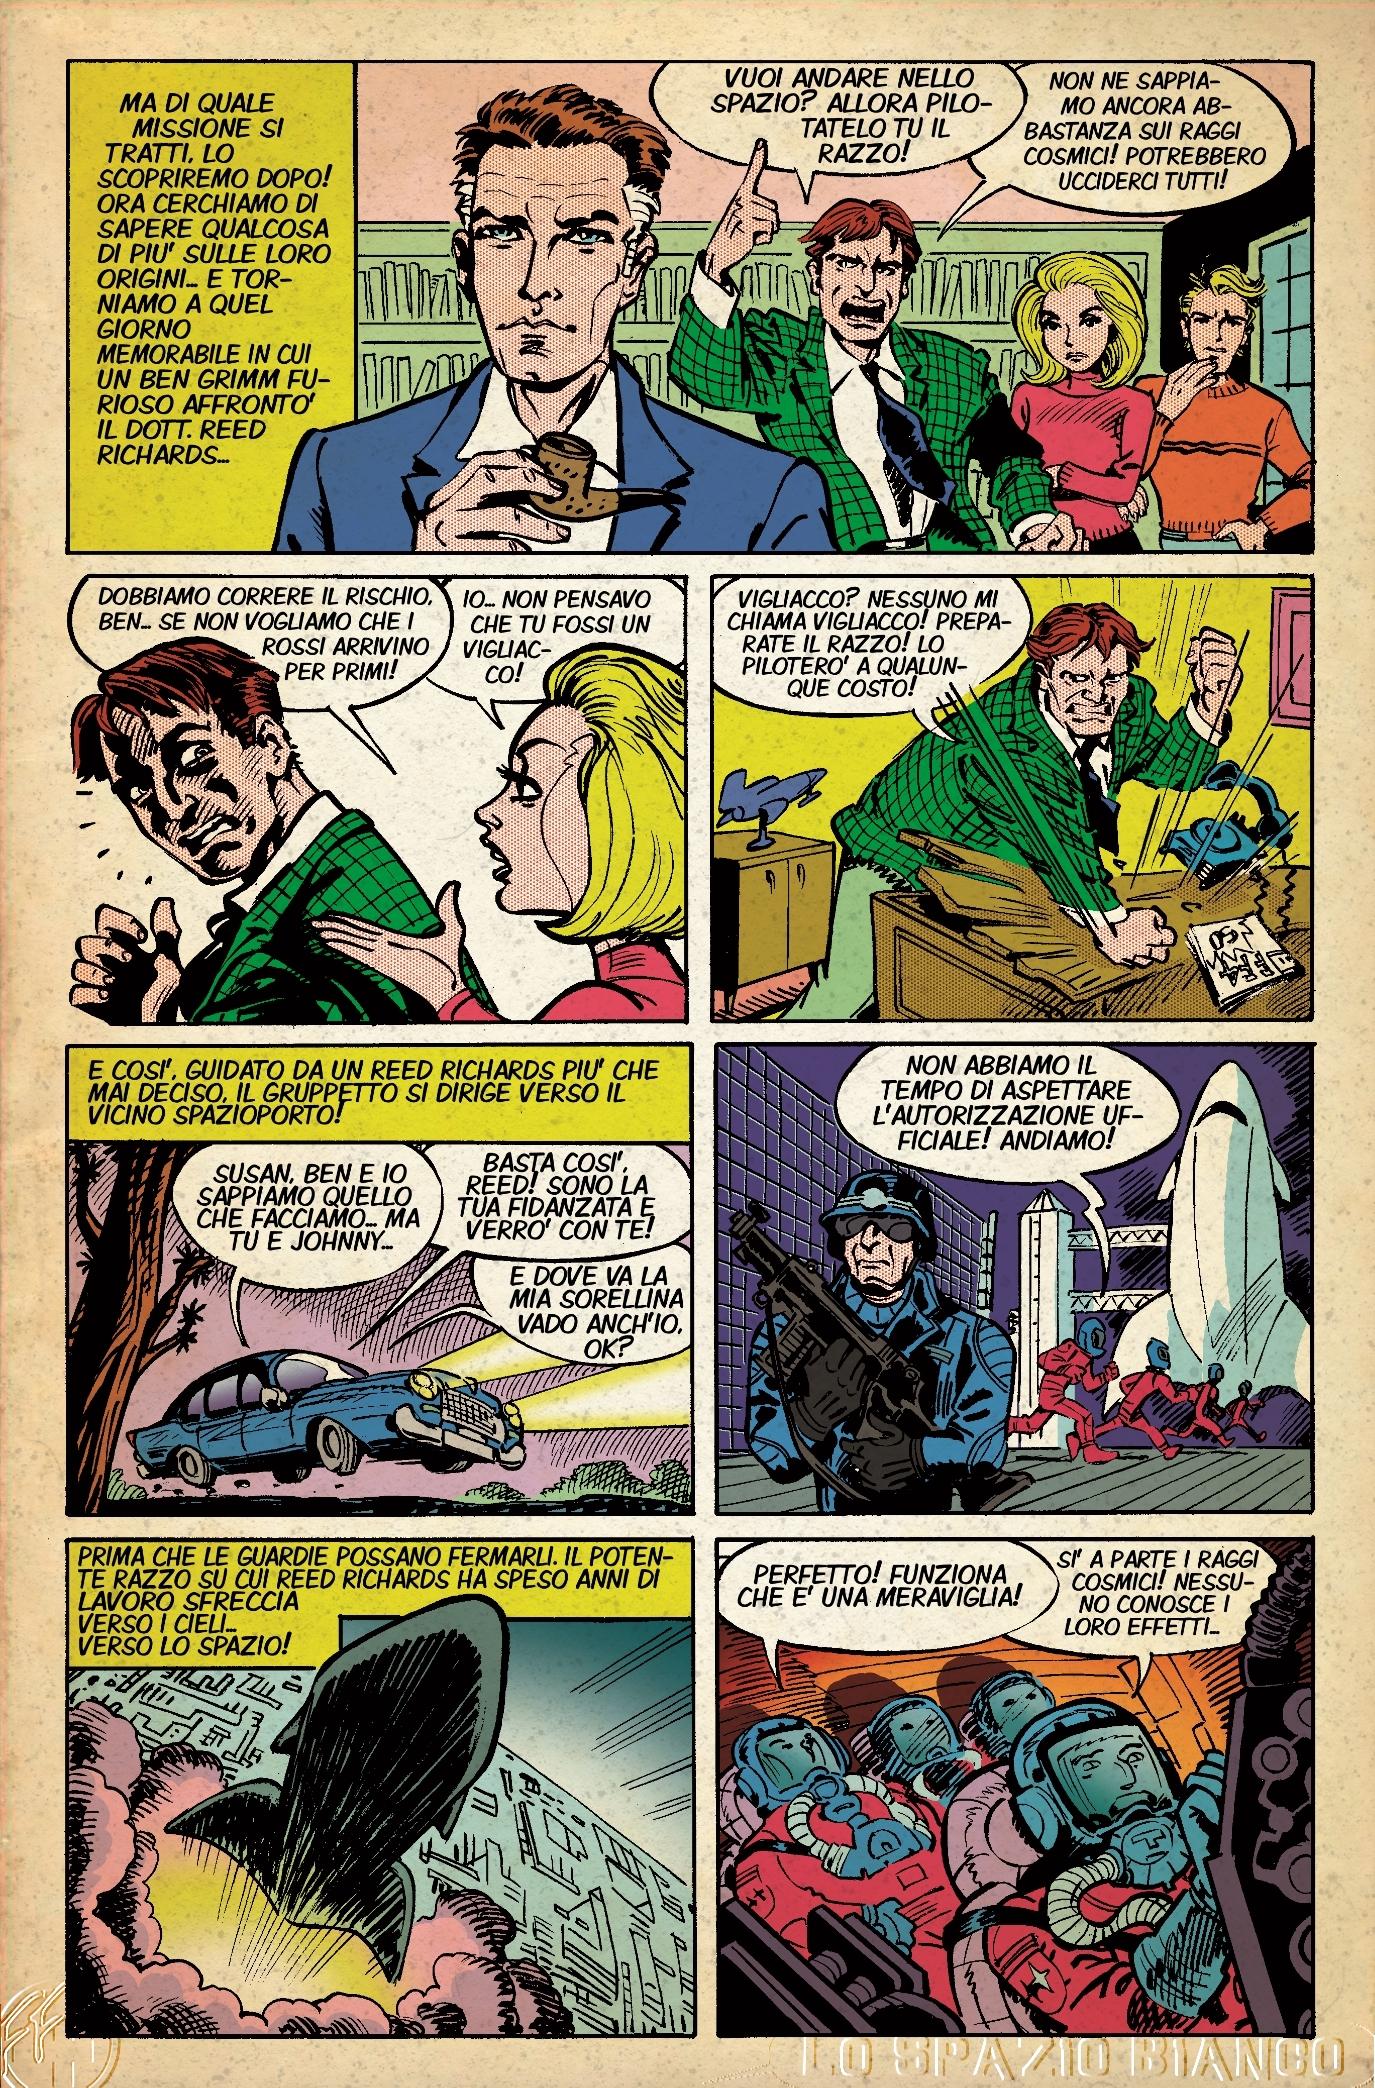 pagina 09 sovraimpressione